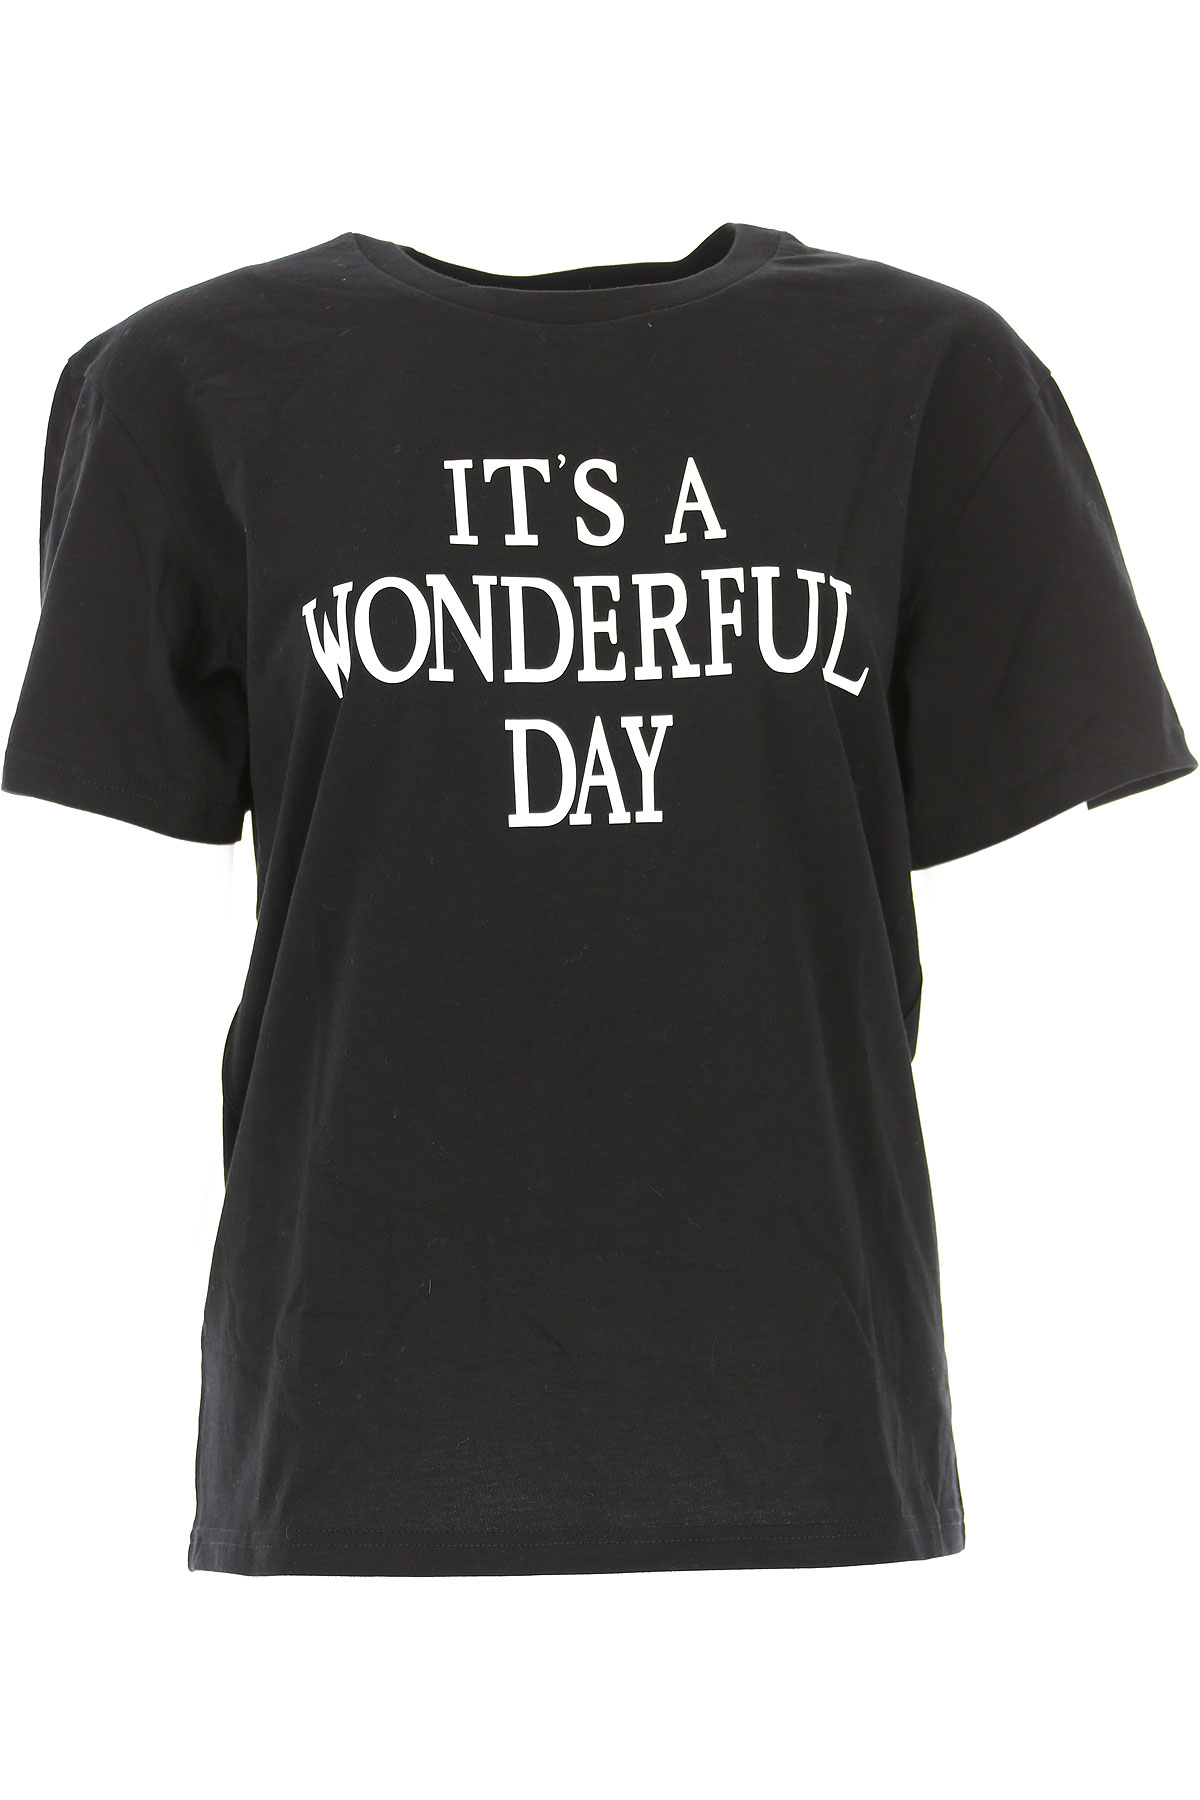 Image of Alberta Ferretti T-Shirt for Women, Black, Cotton, 2017, 2 4 6